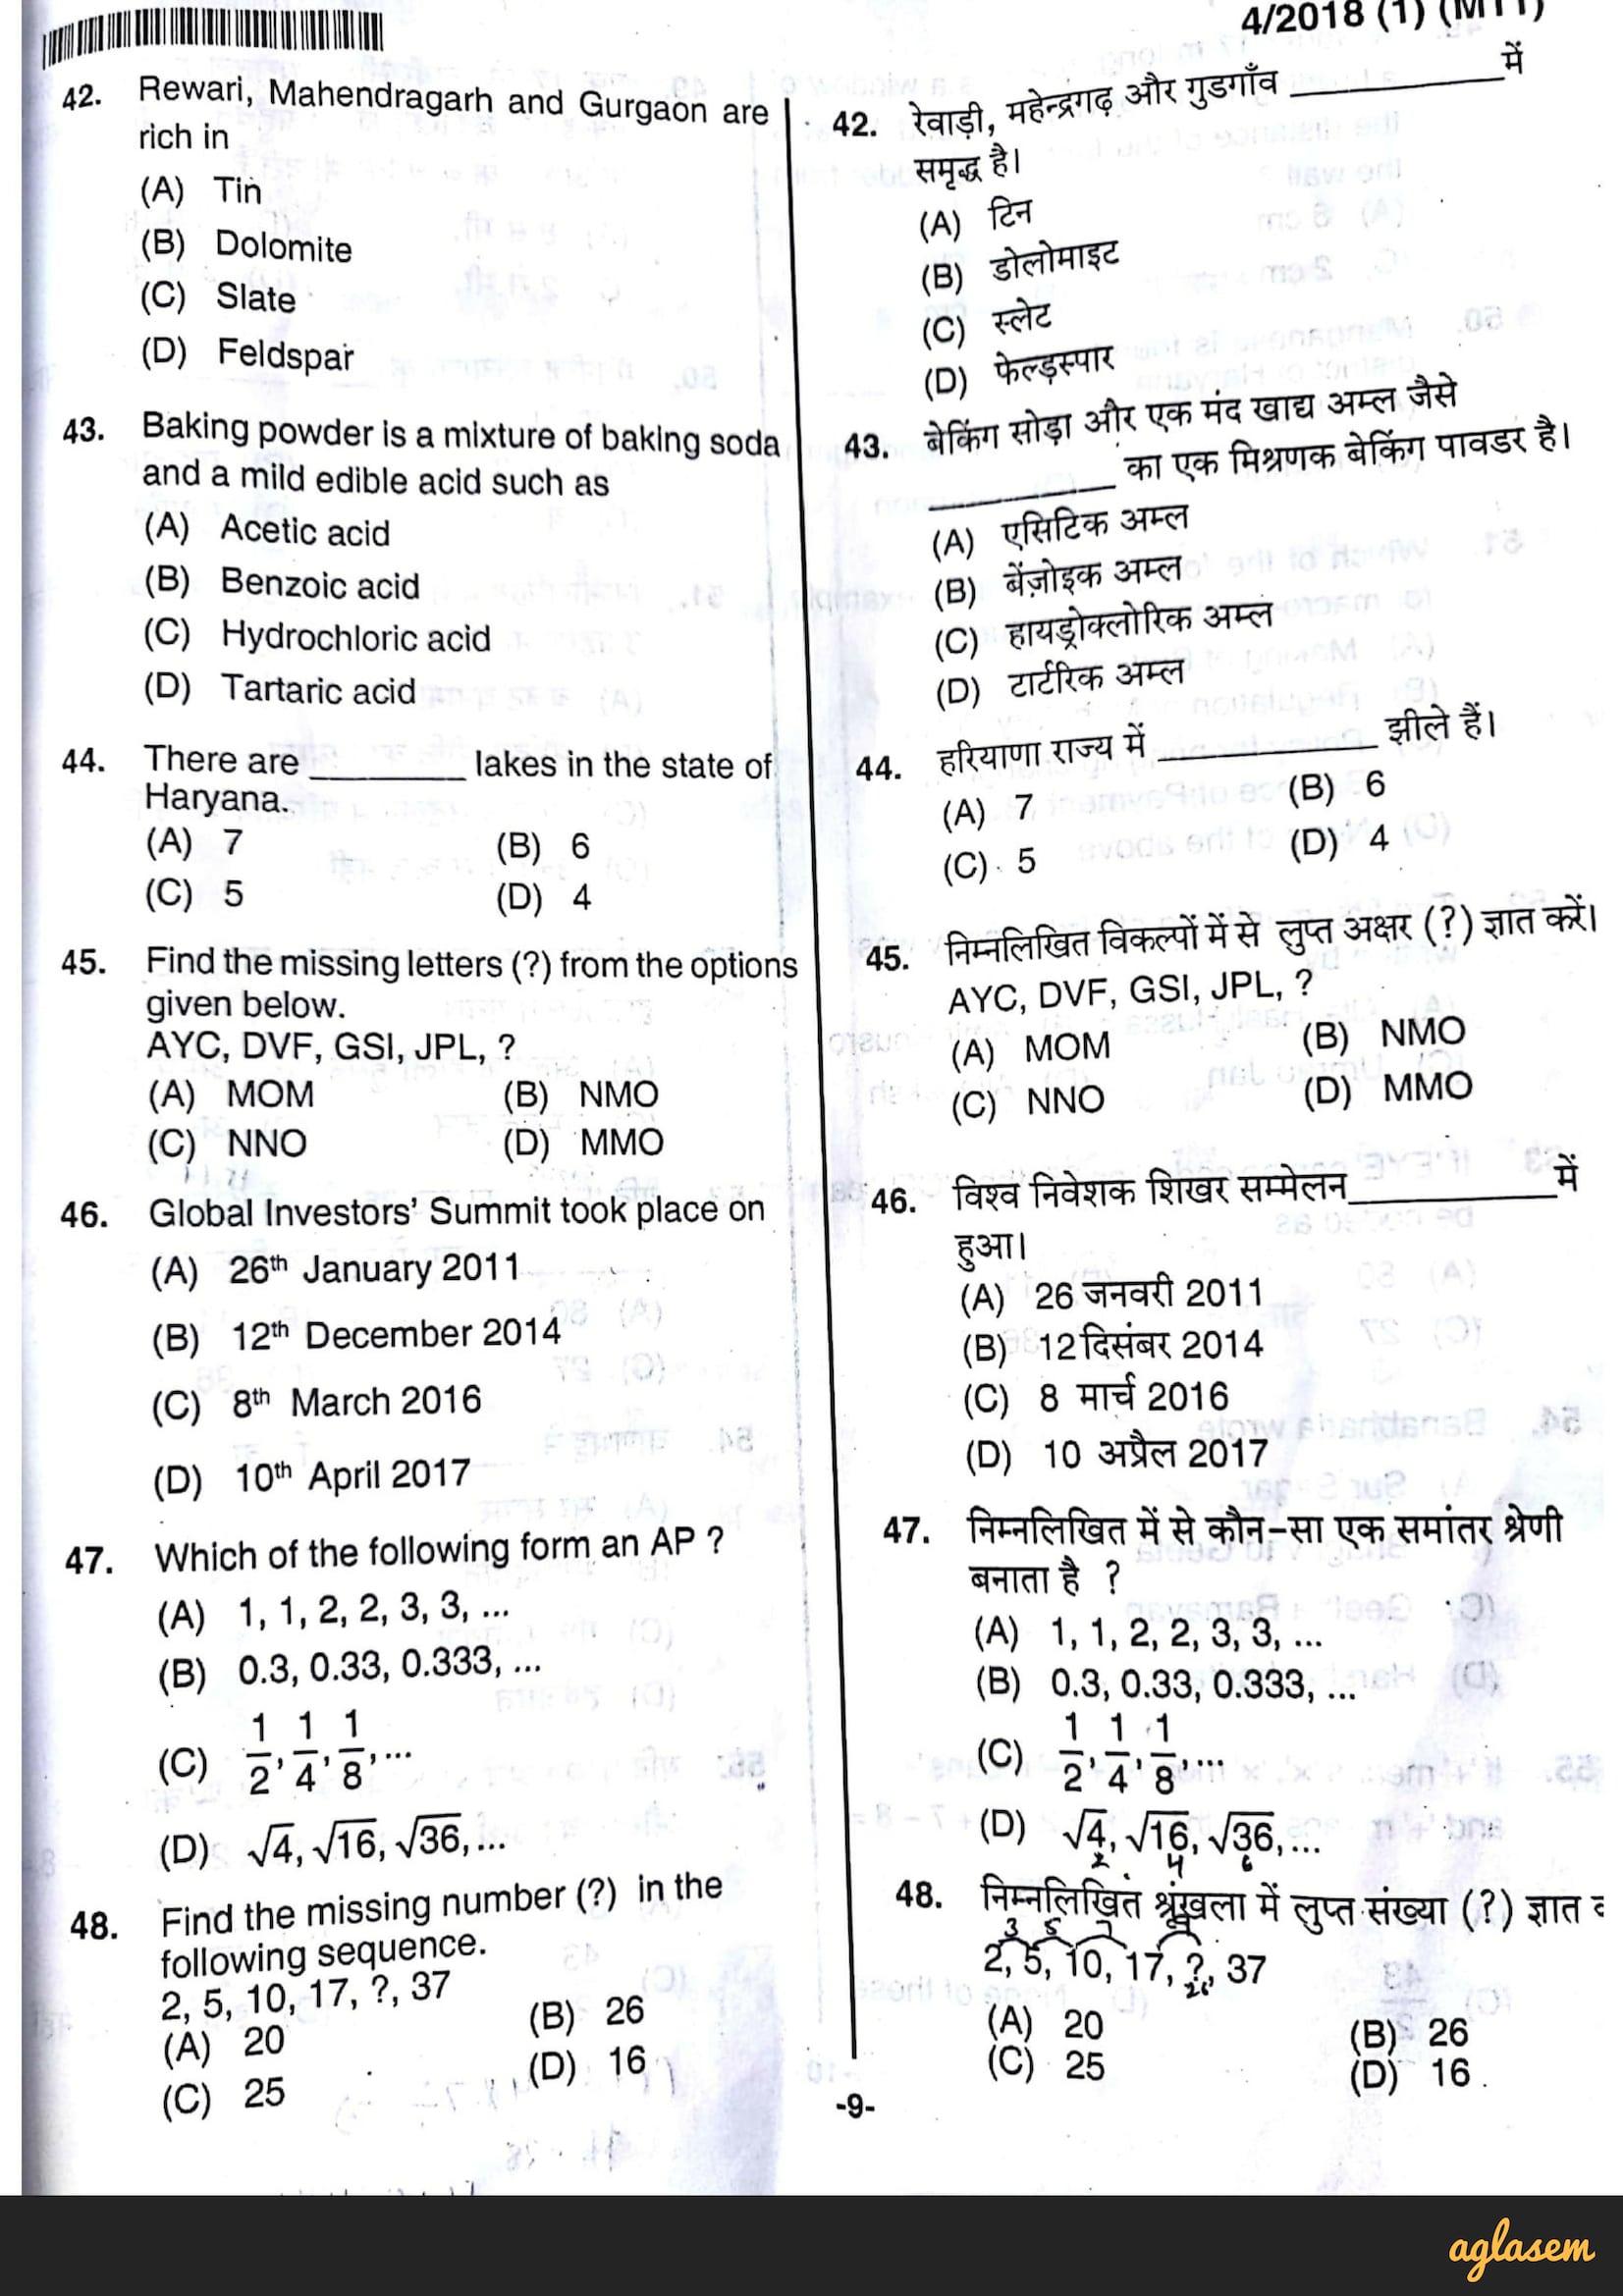 HSSC Group D Question Paper